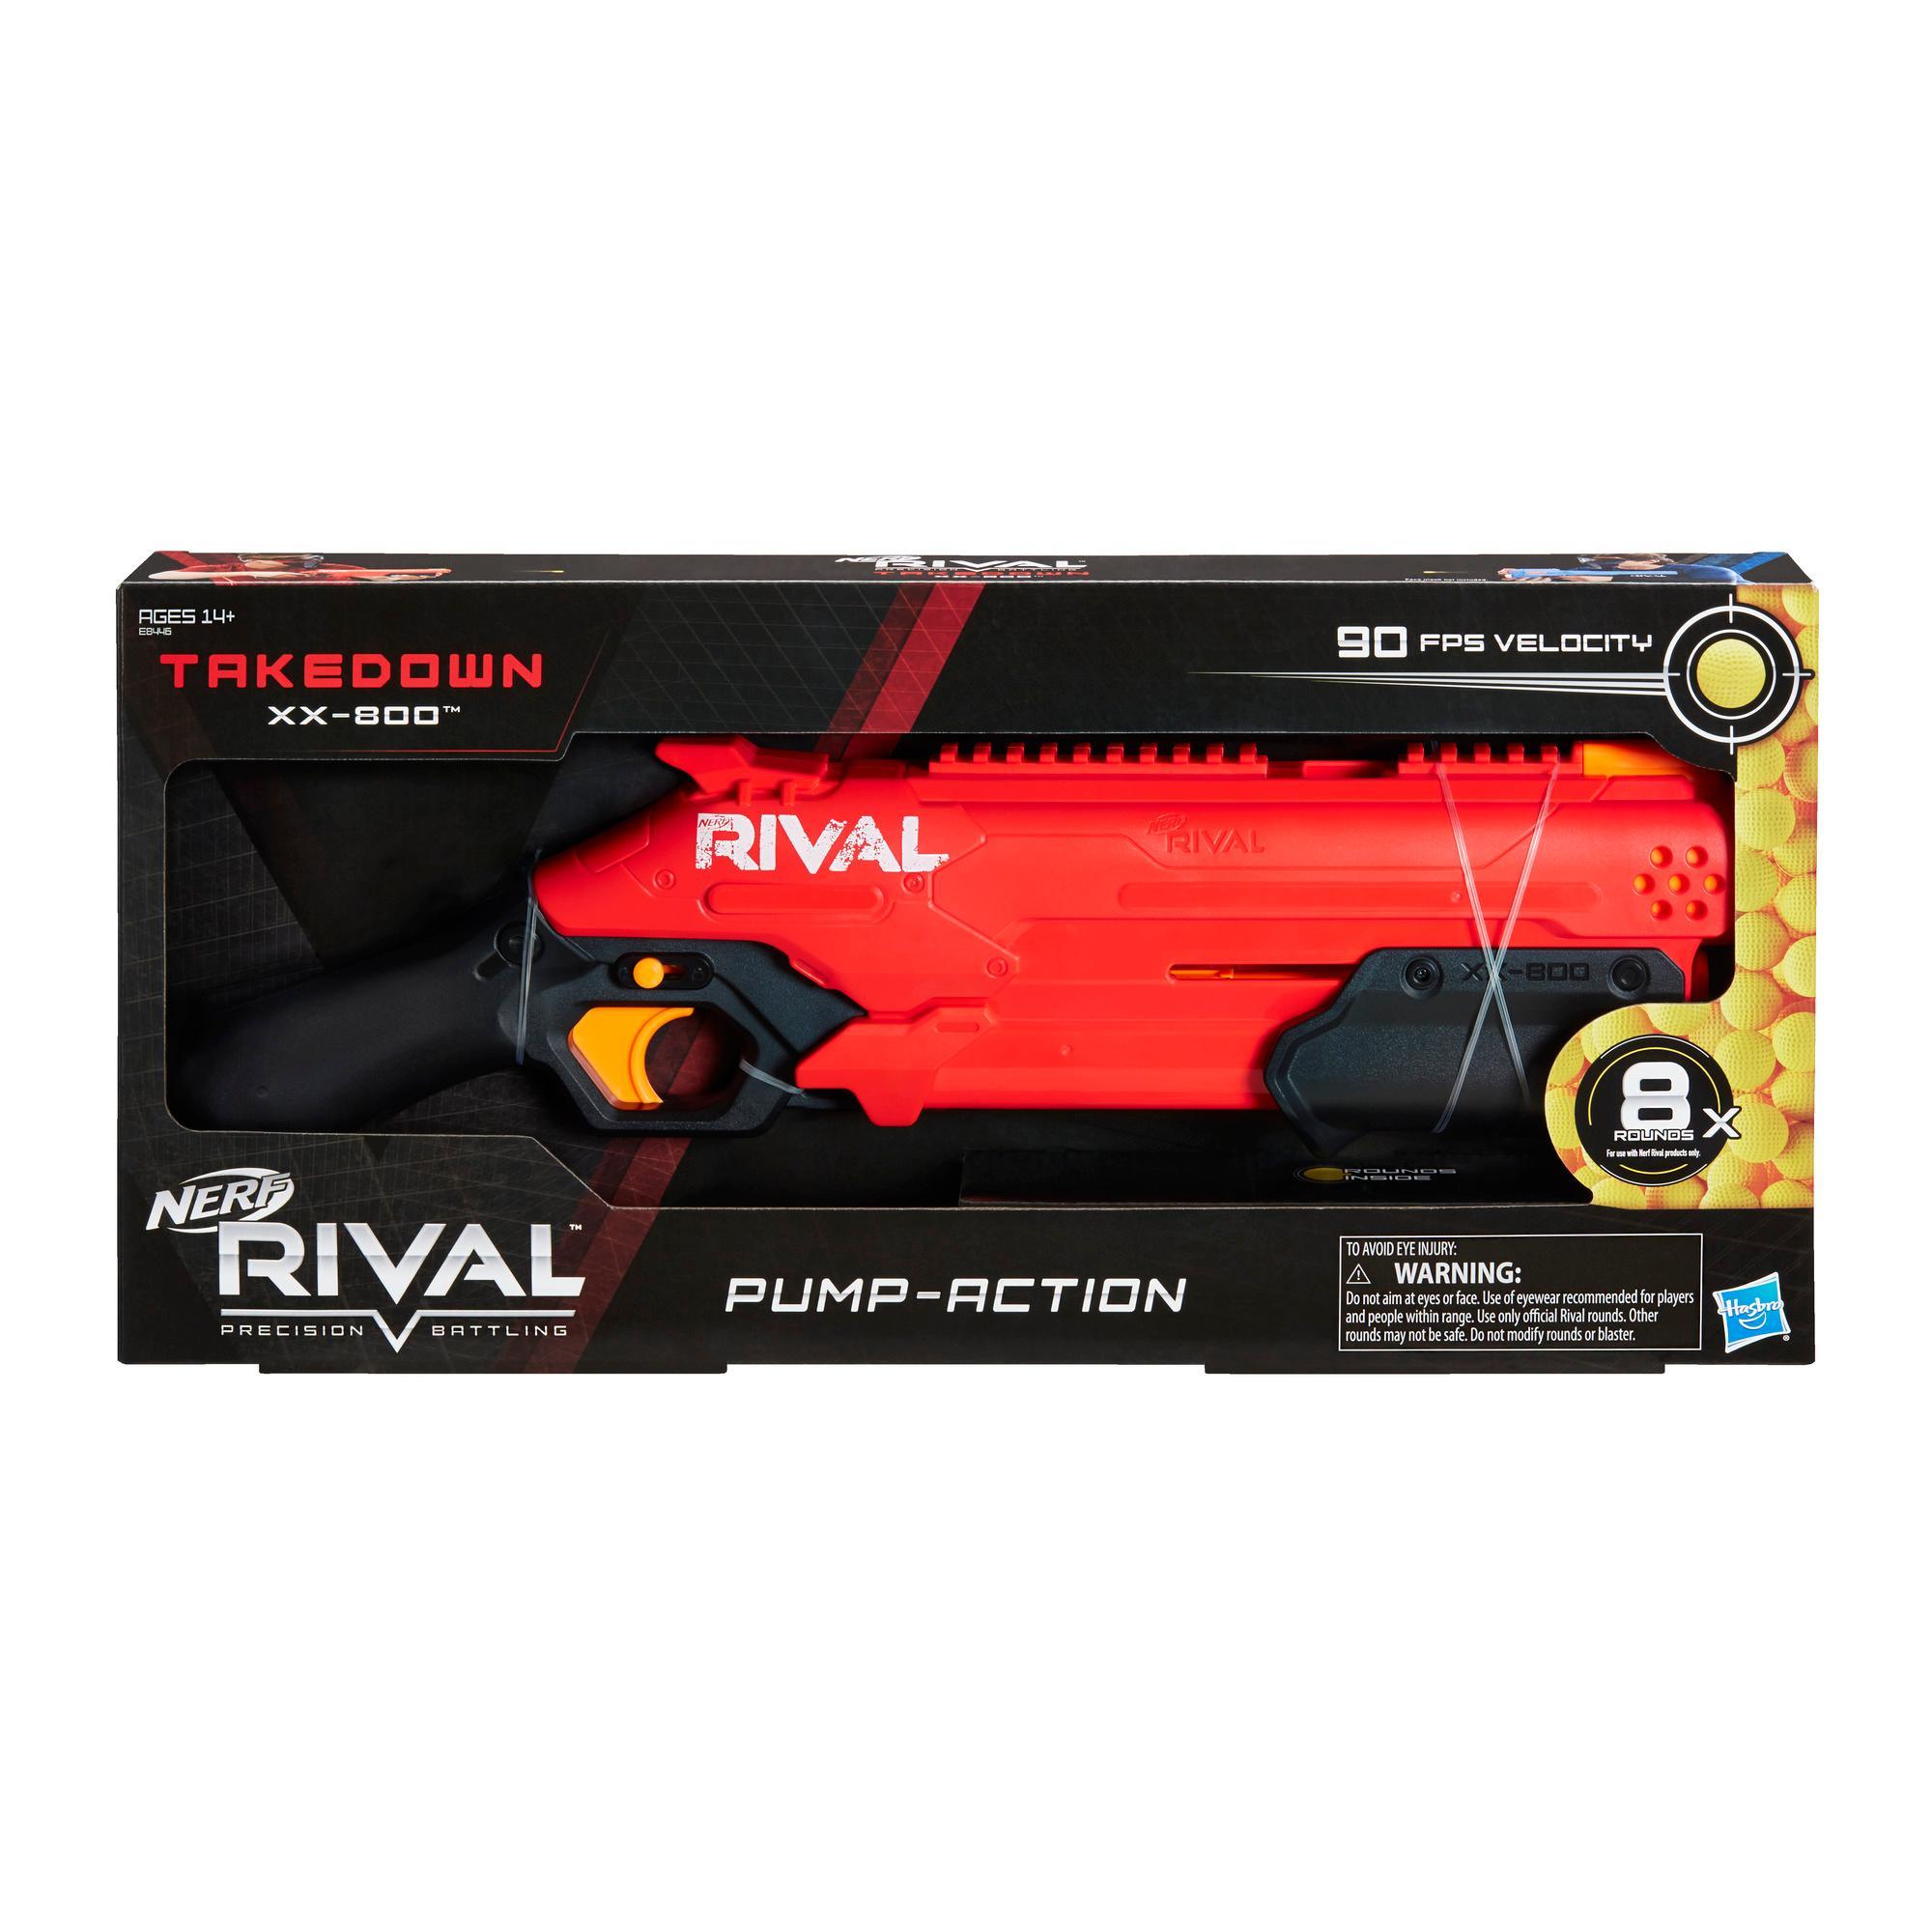 Nerf Rival - Blaster Takedown XX-800, mécanisme à pompe, chargement par la culasse, capacité de 8 billes en mousse, 27 m/s, 8 billes en mousse Nerf Rival, équipe rouge